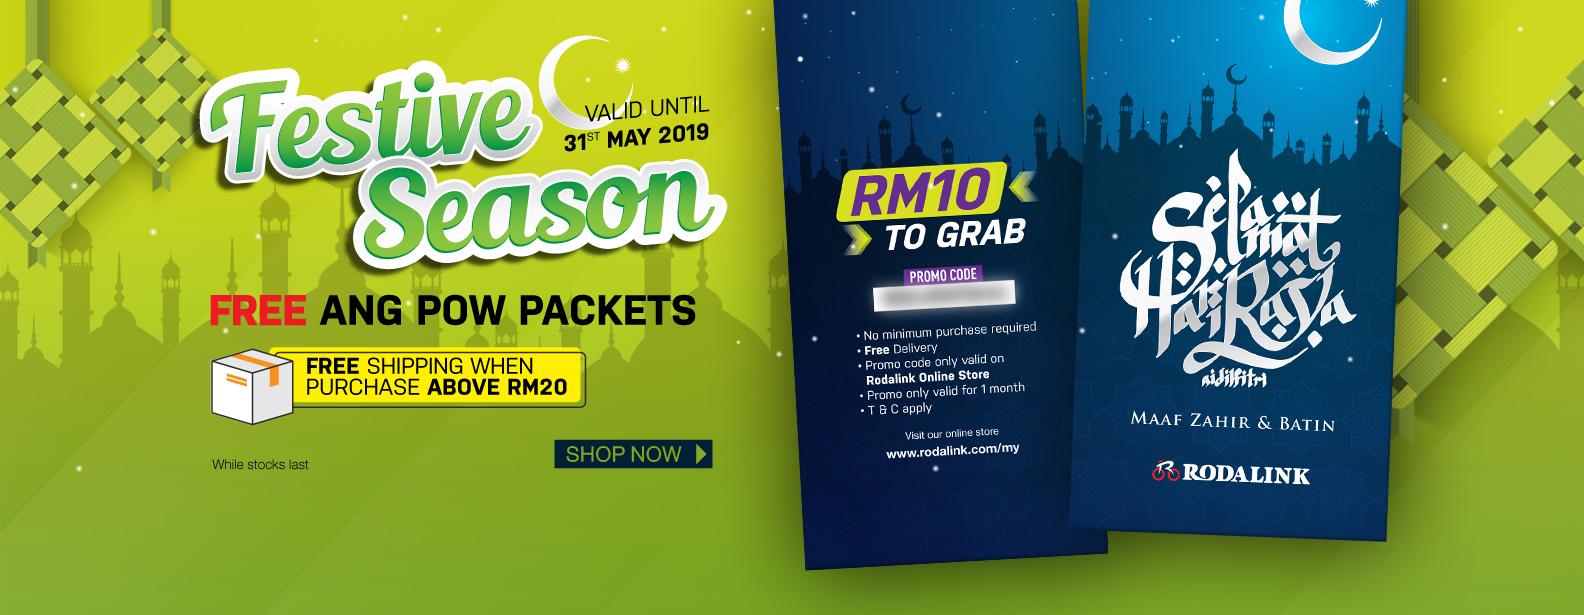 Free Ang Pow Packets